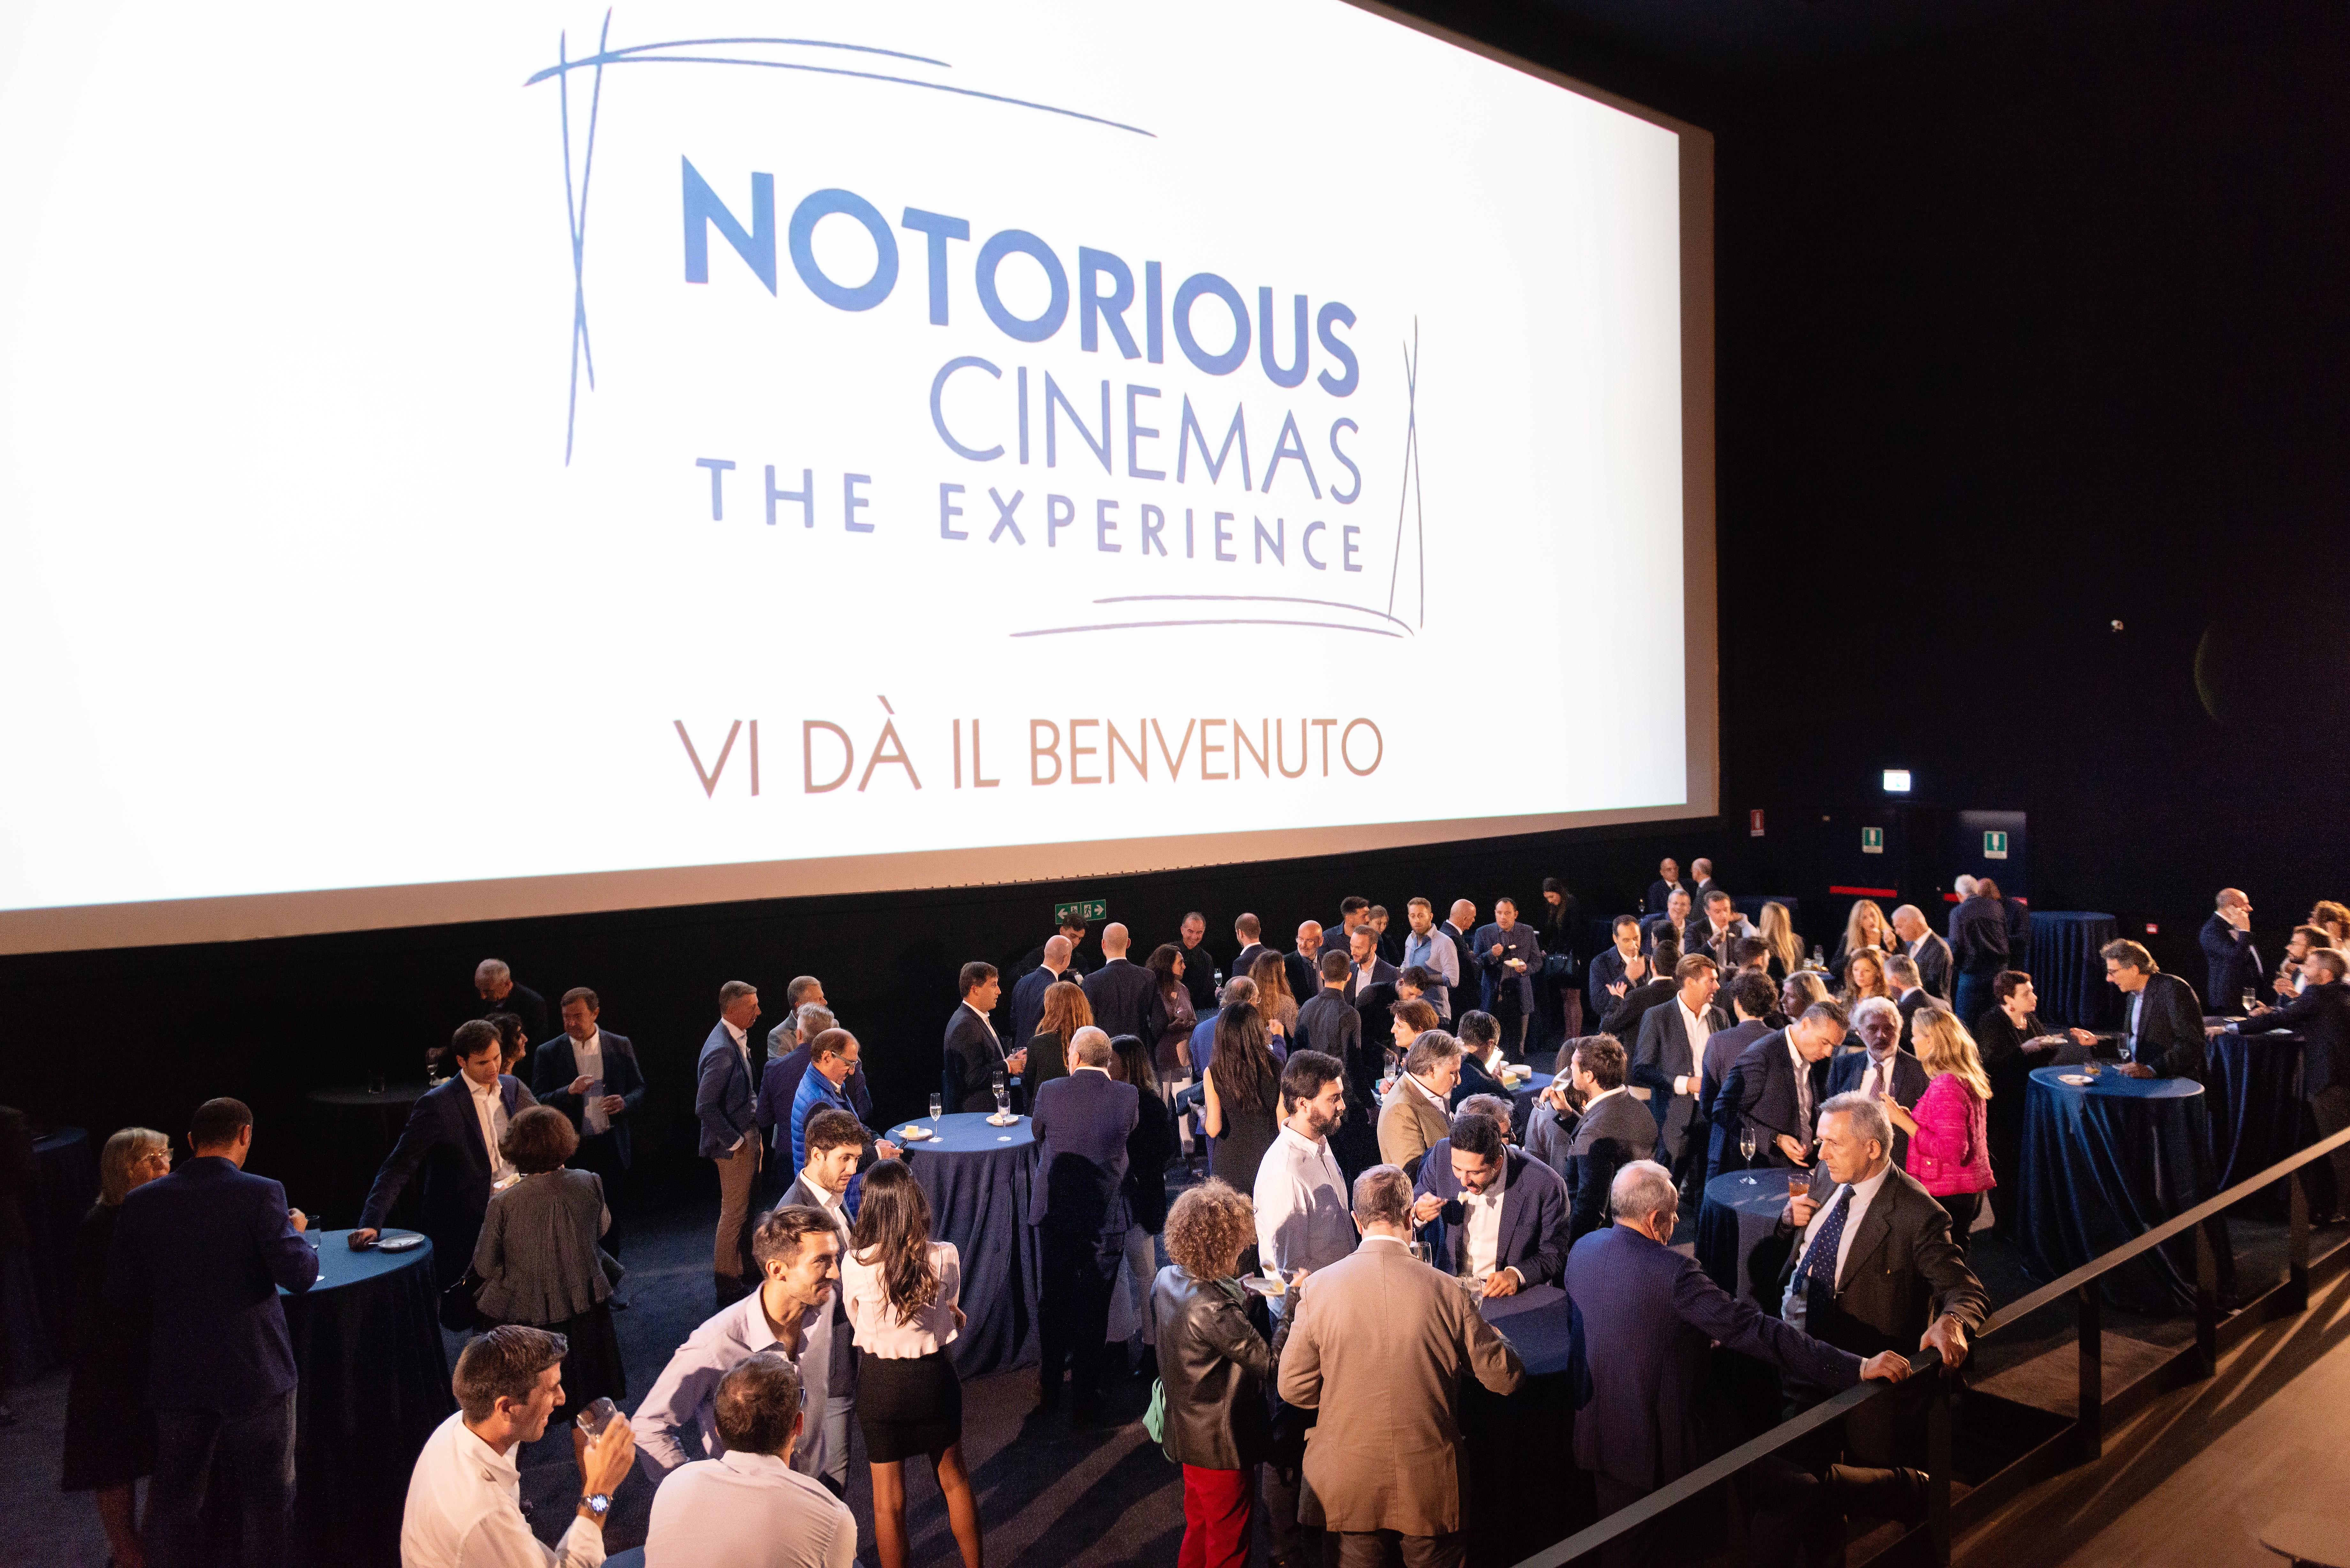 Notorious Cinemas The Experience